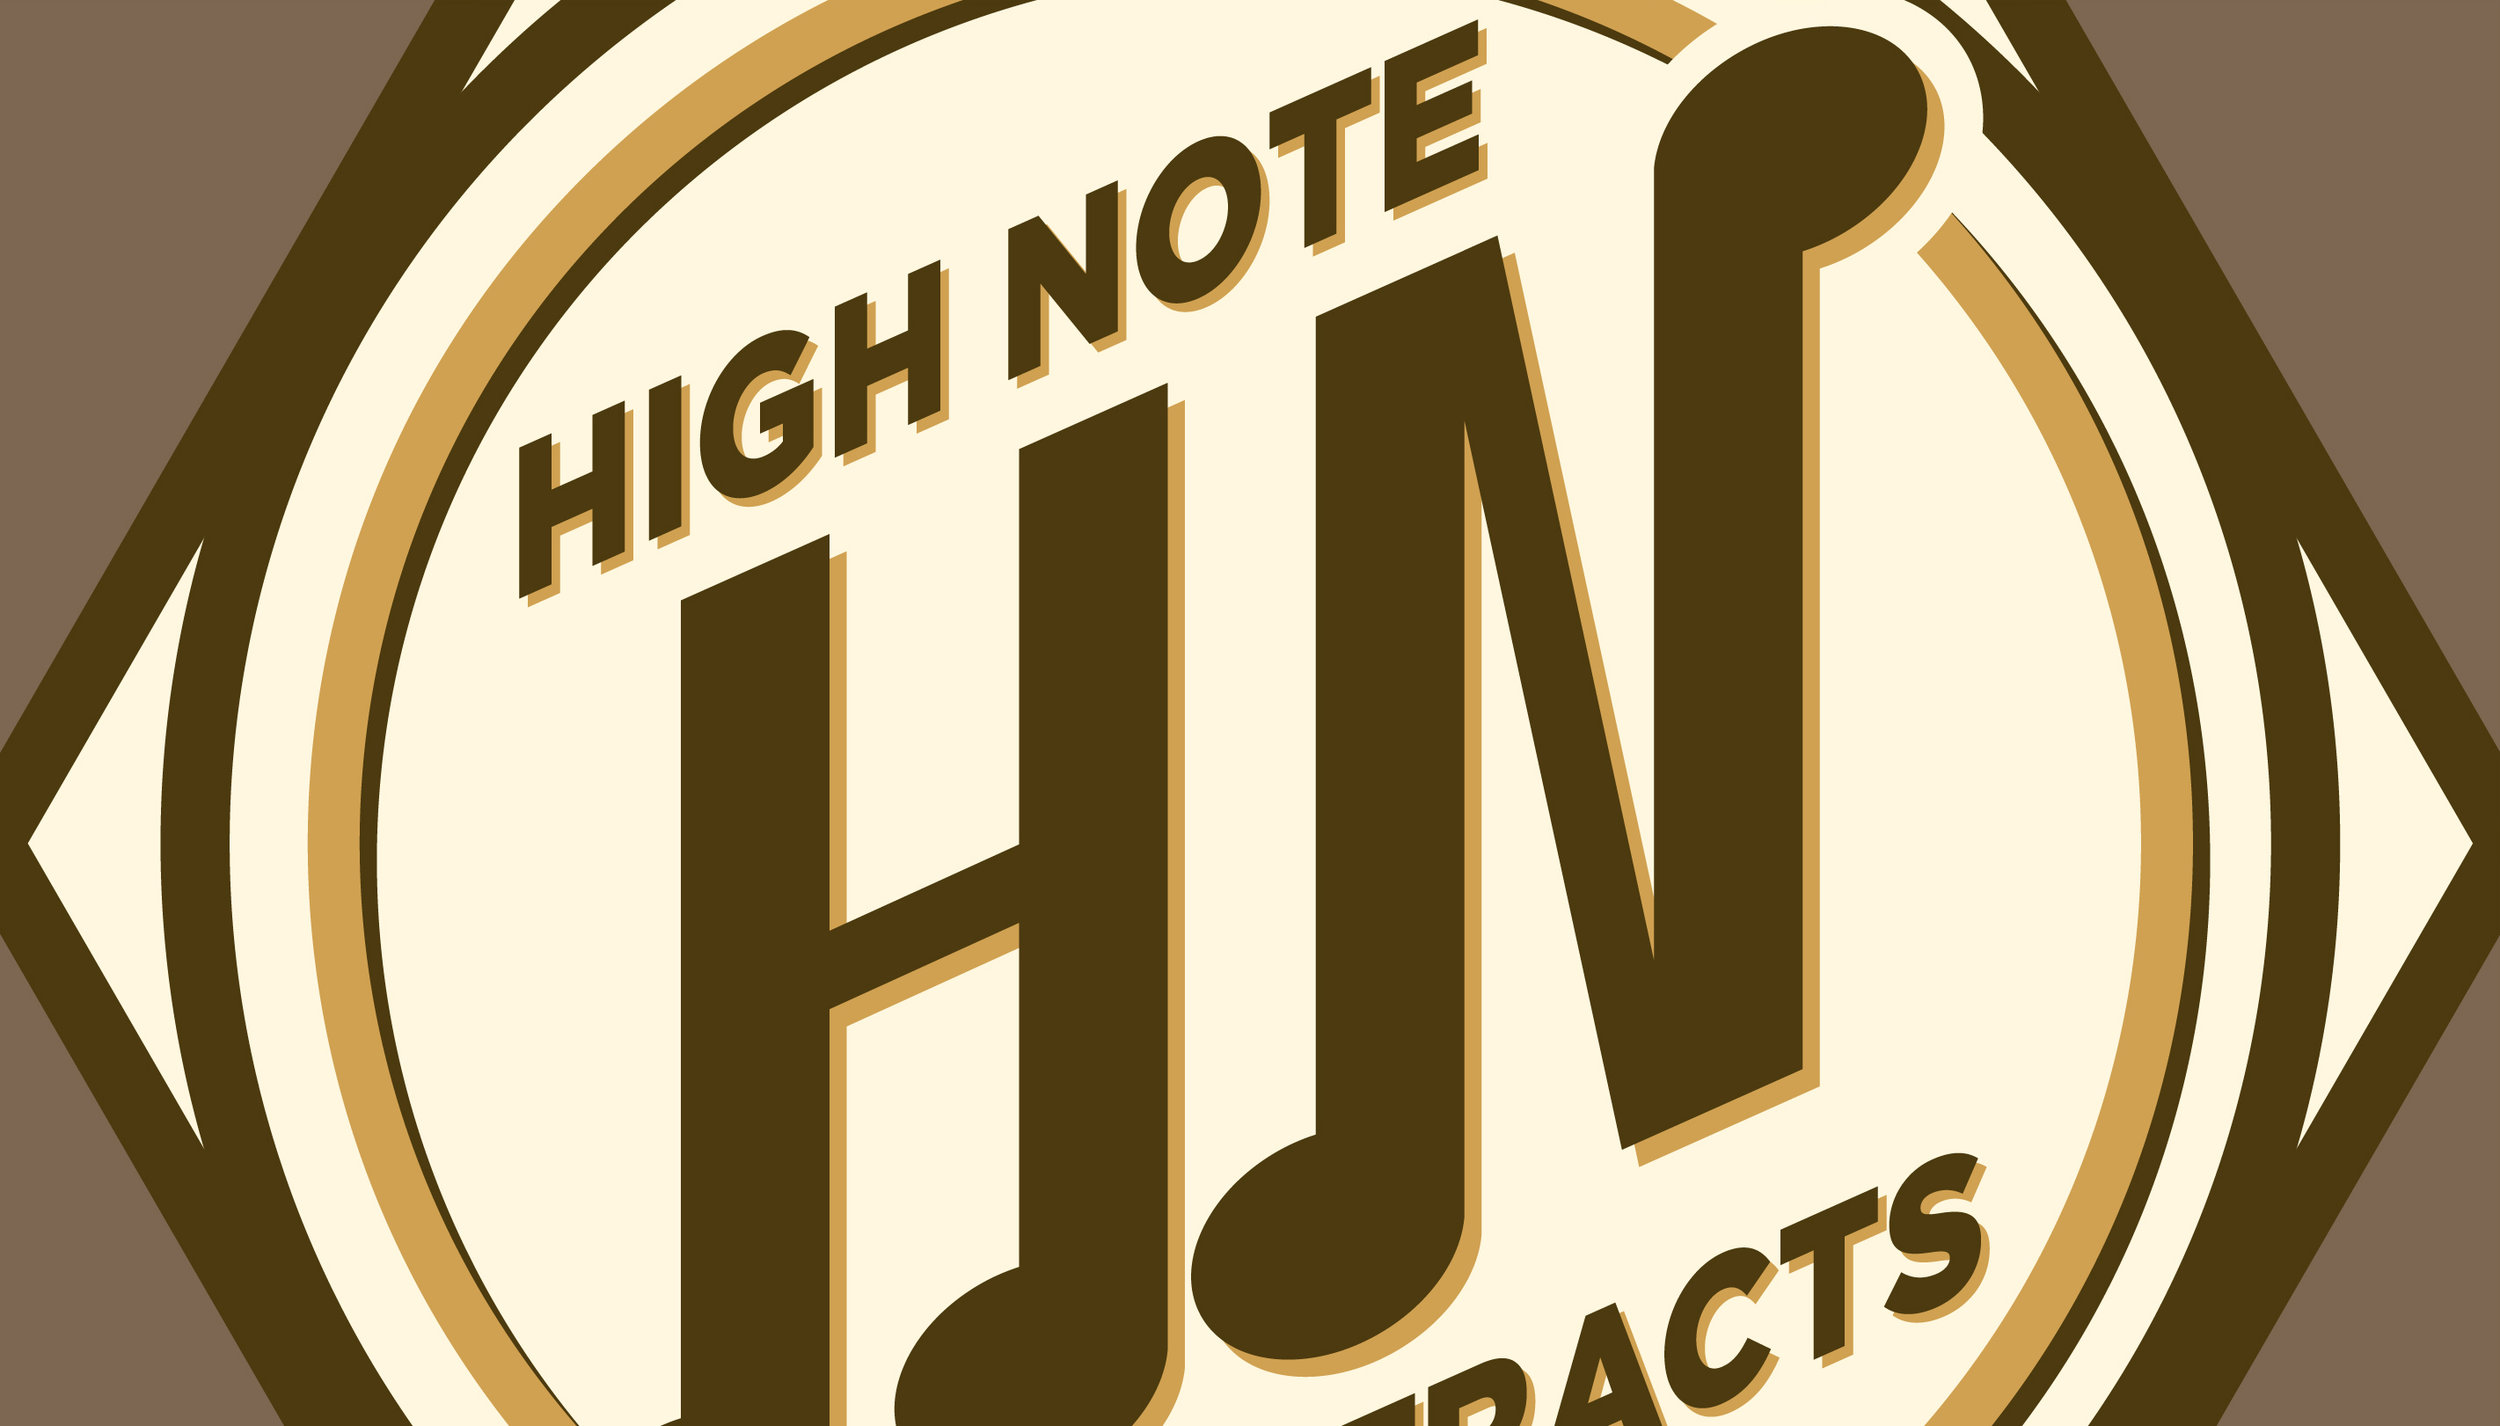 HL_2018Portfolio_HighNote_V1-01.jpg